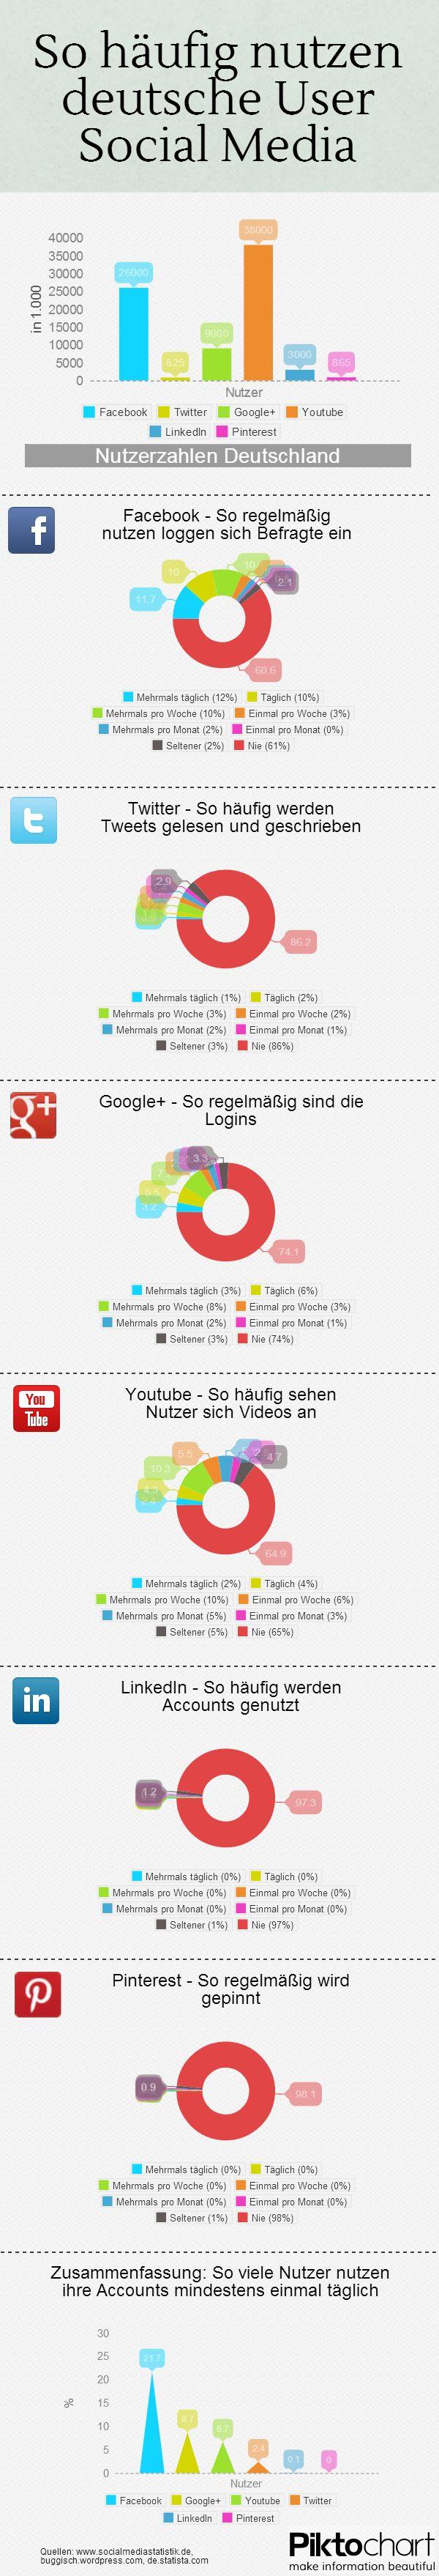 Infografik zur Nutzung von Social Media in Deutschland